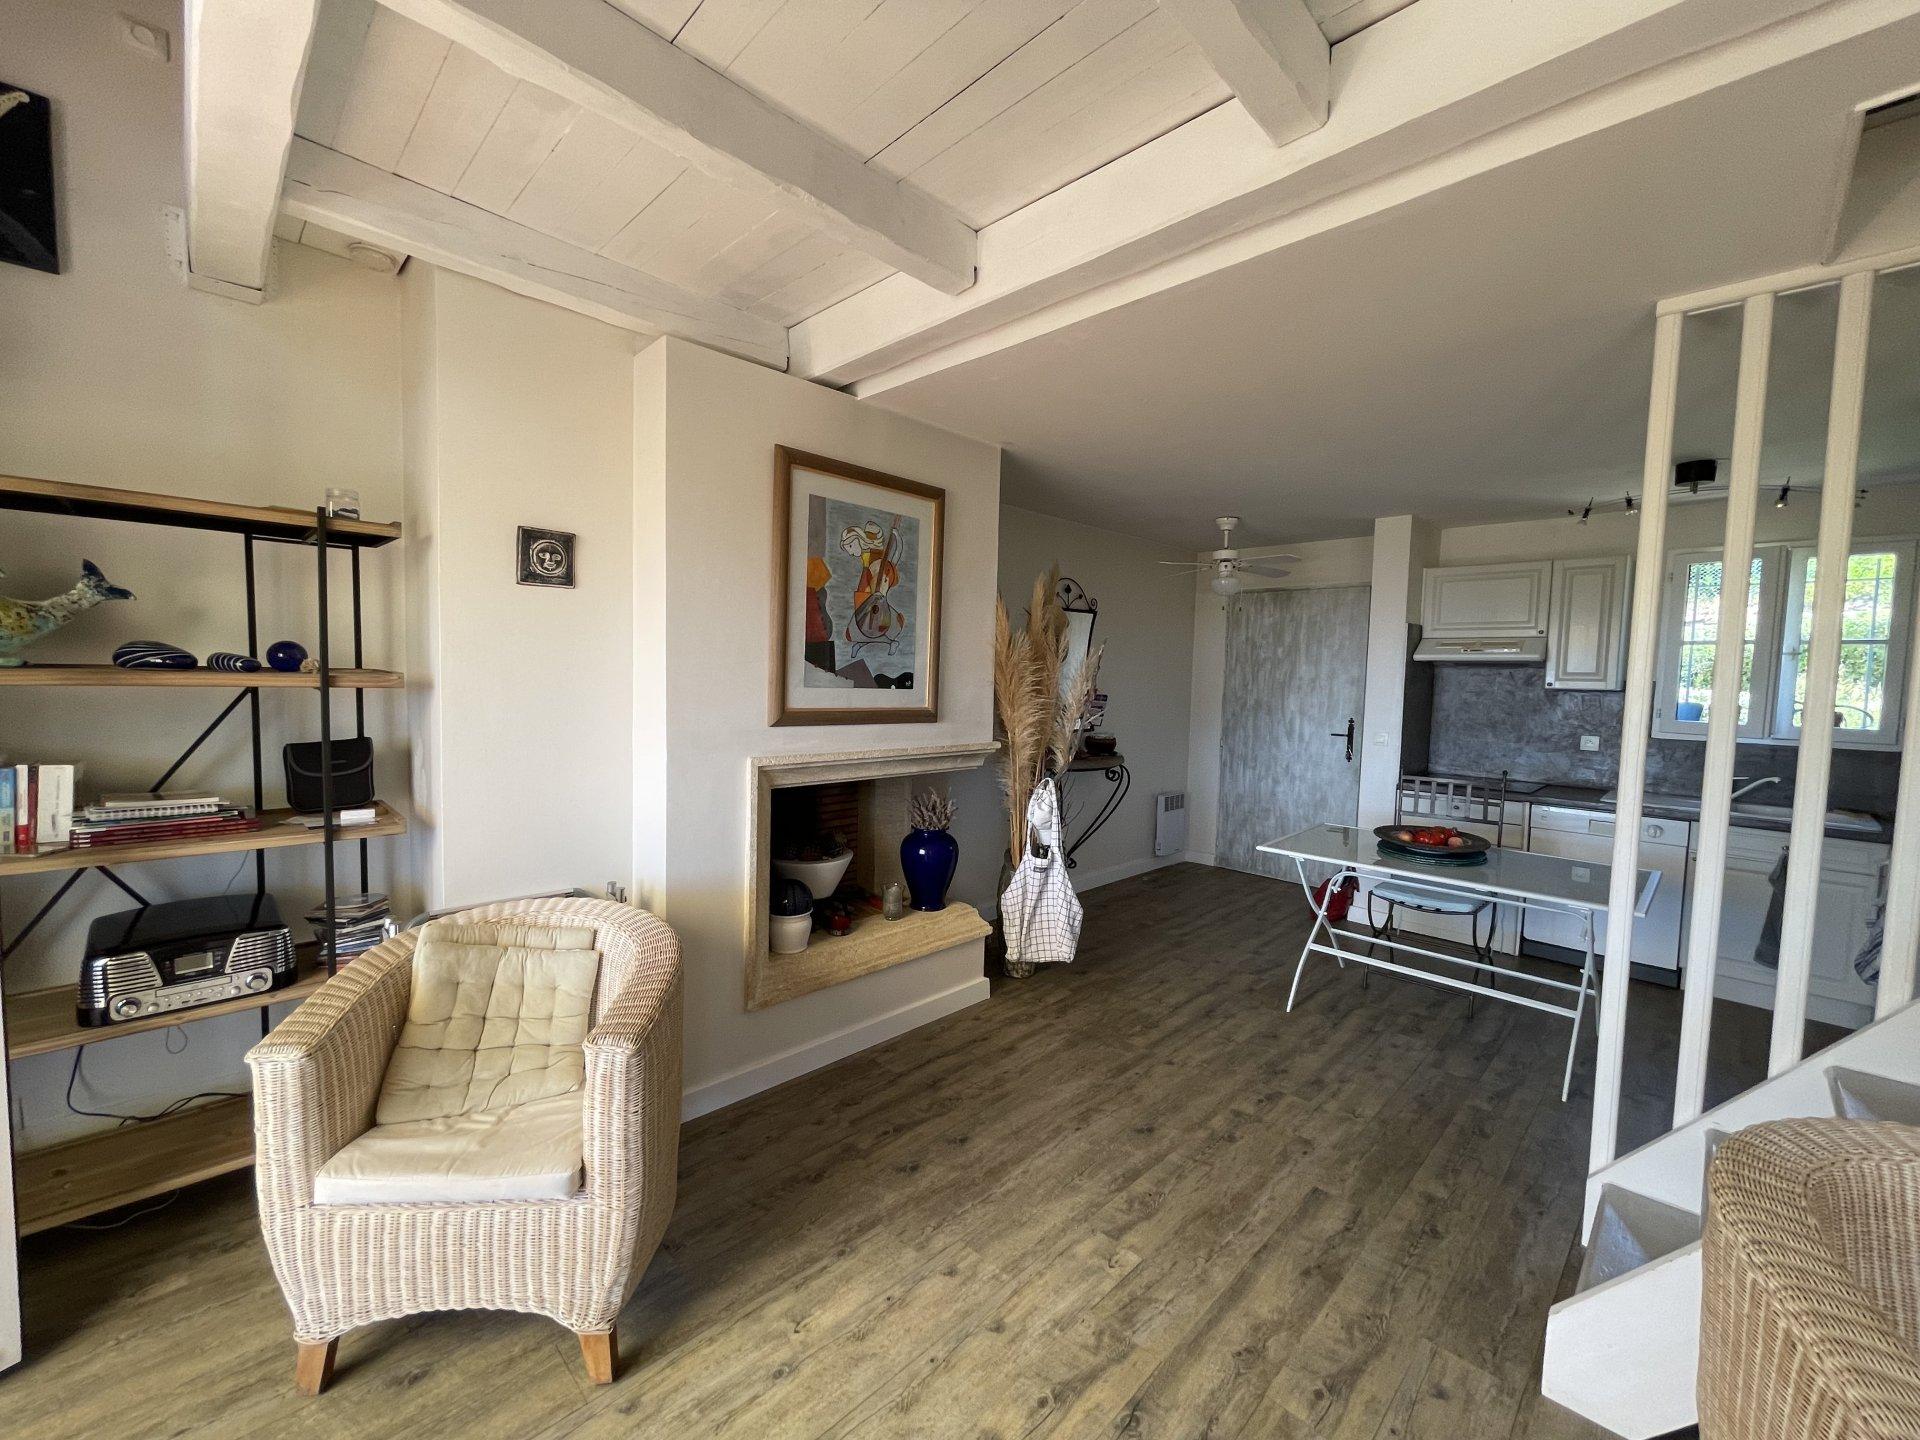 2-Zimmer-Wohnung 1 Schlafzimmer und 2 Schlafbereiche